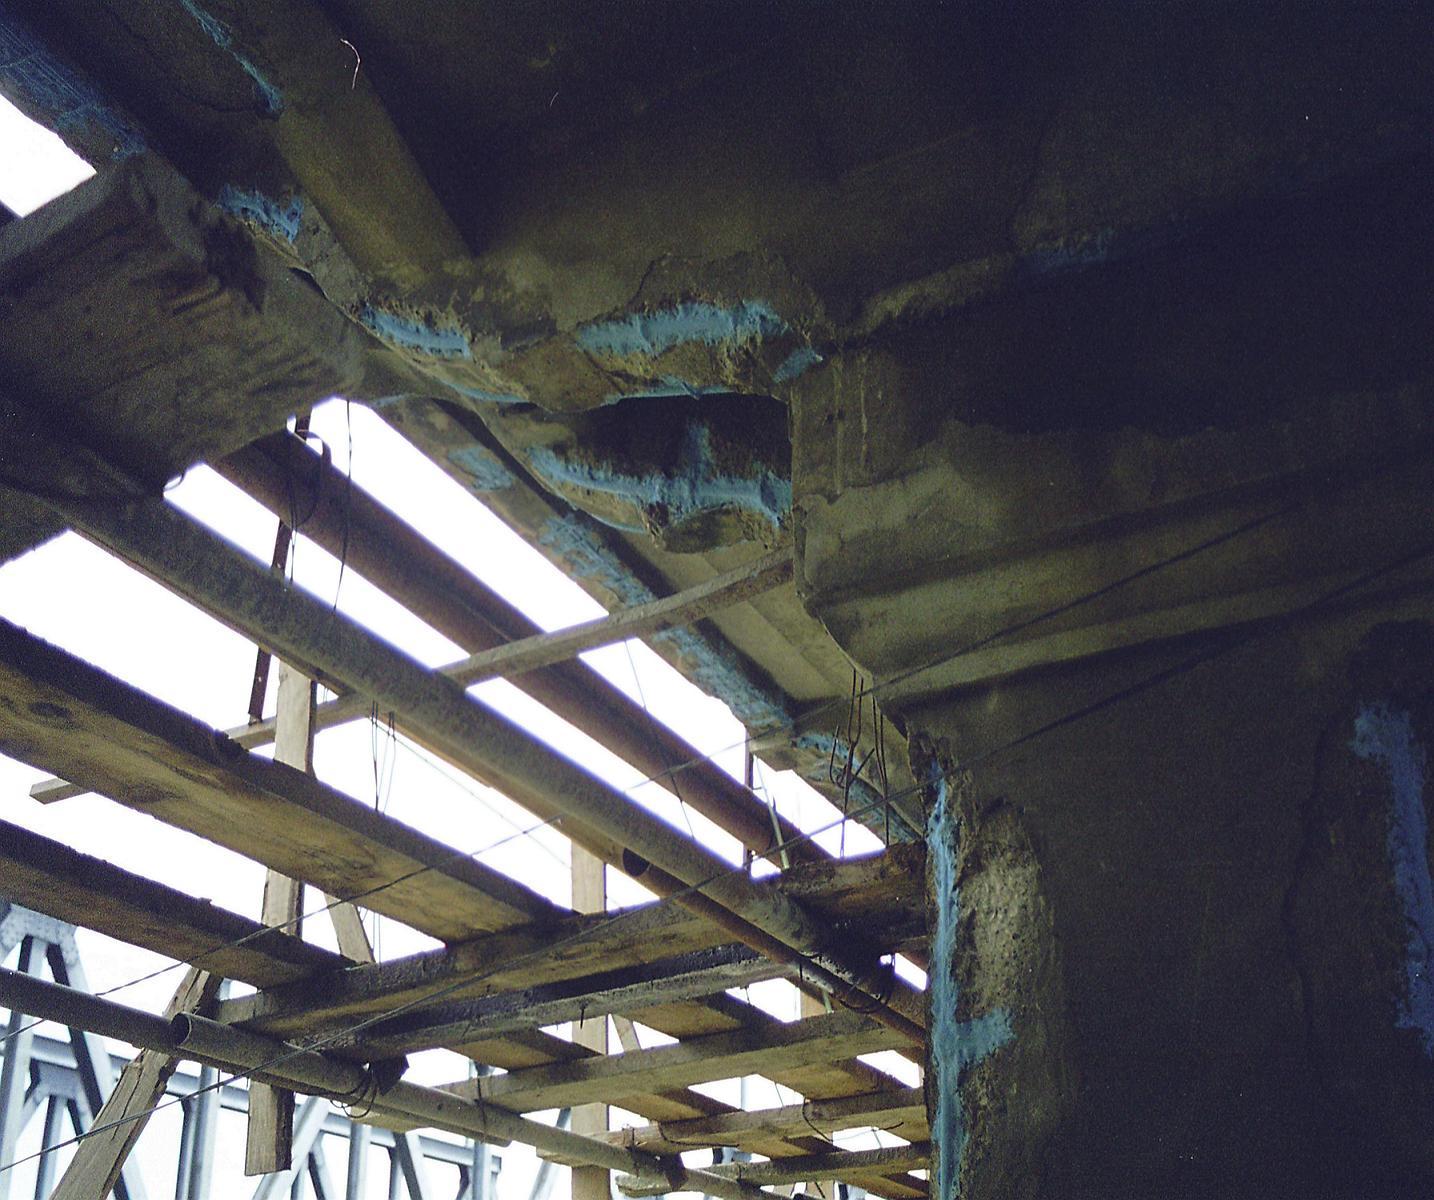 Reparatii pod peste raul Siret MAPEI - Poza 9